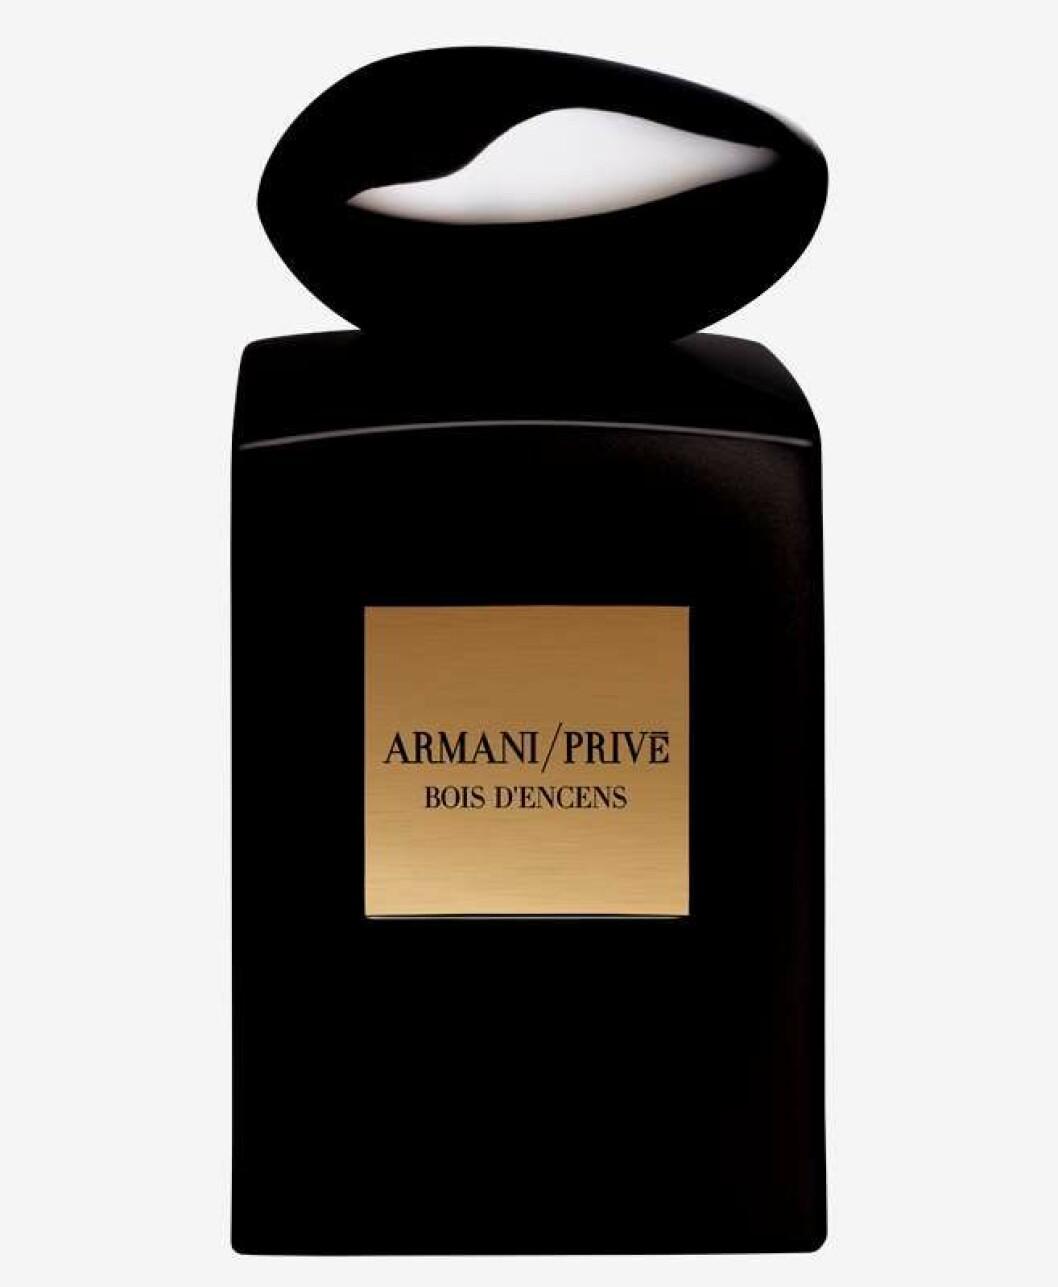 Giorgio Armani Privé parfym Bois d'encens